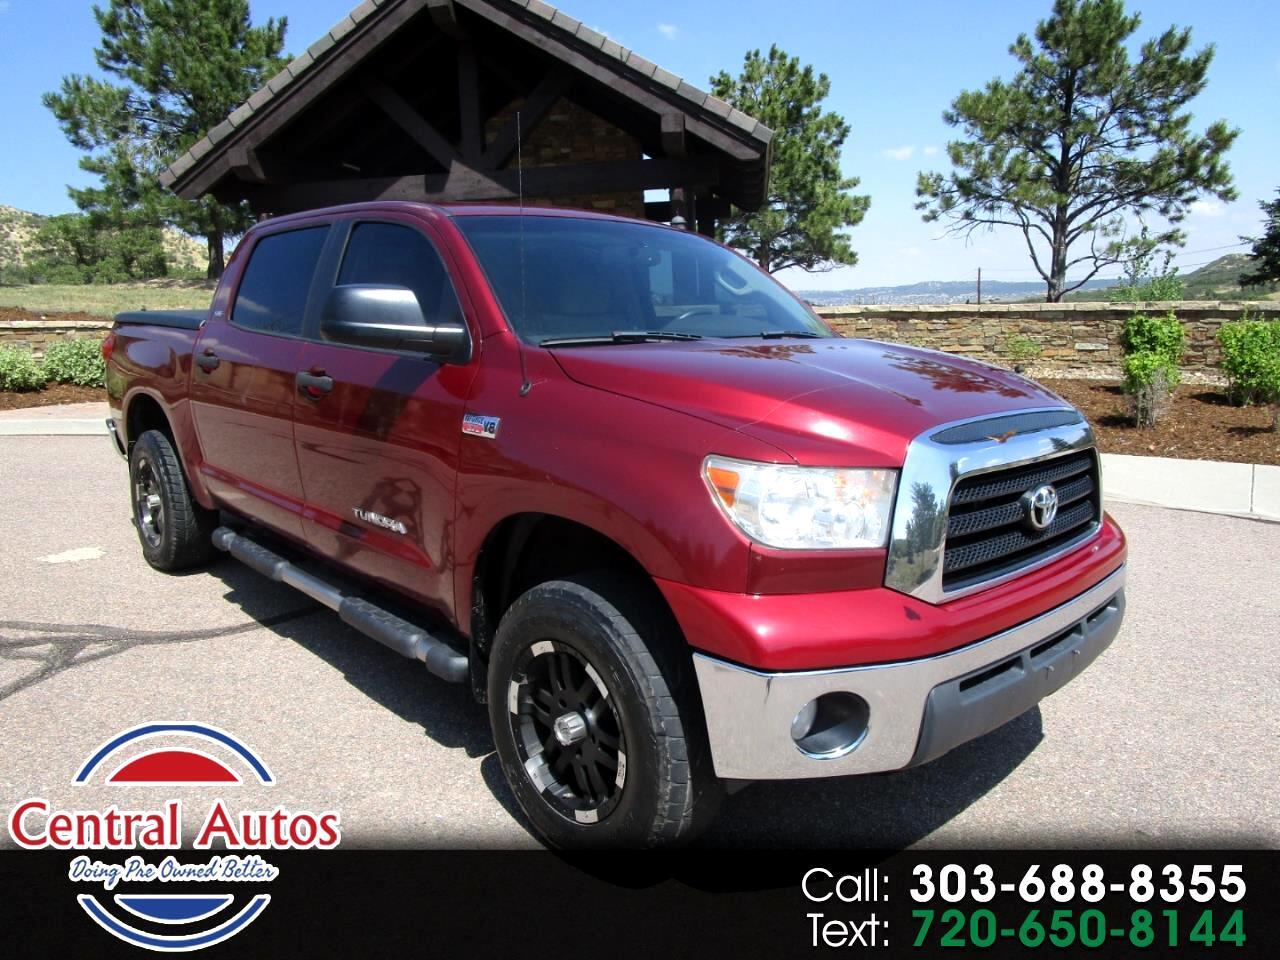 """2007 Toyota Tundra 4WD CrewMax 145.7"""" 5.7L SR5 (Natl)"""